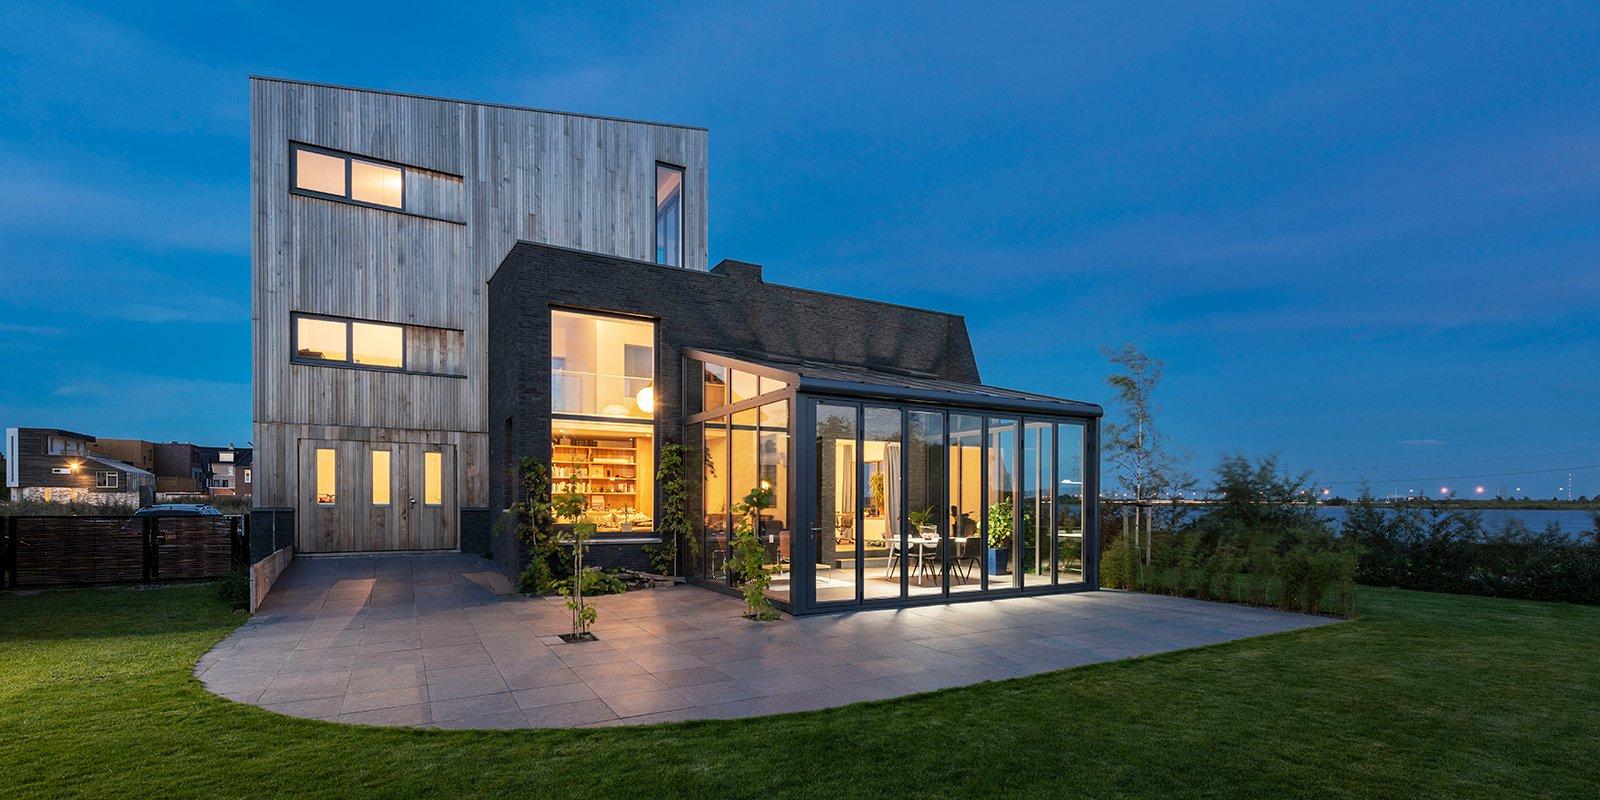 Glazen serre, Solarlux, veel daglicht, energiezuinige bouwwijze, serre,